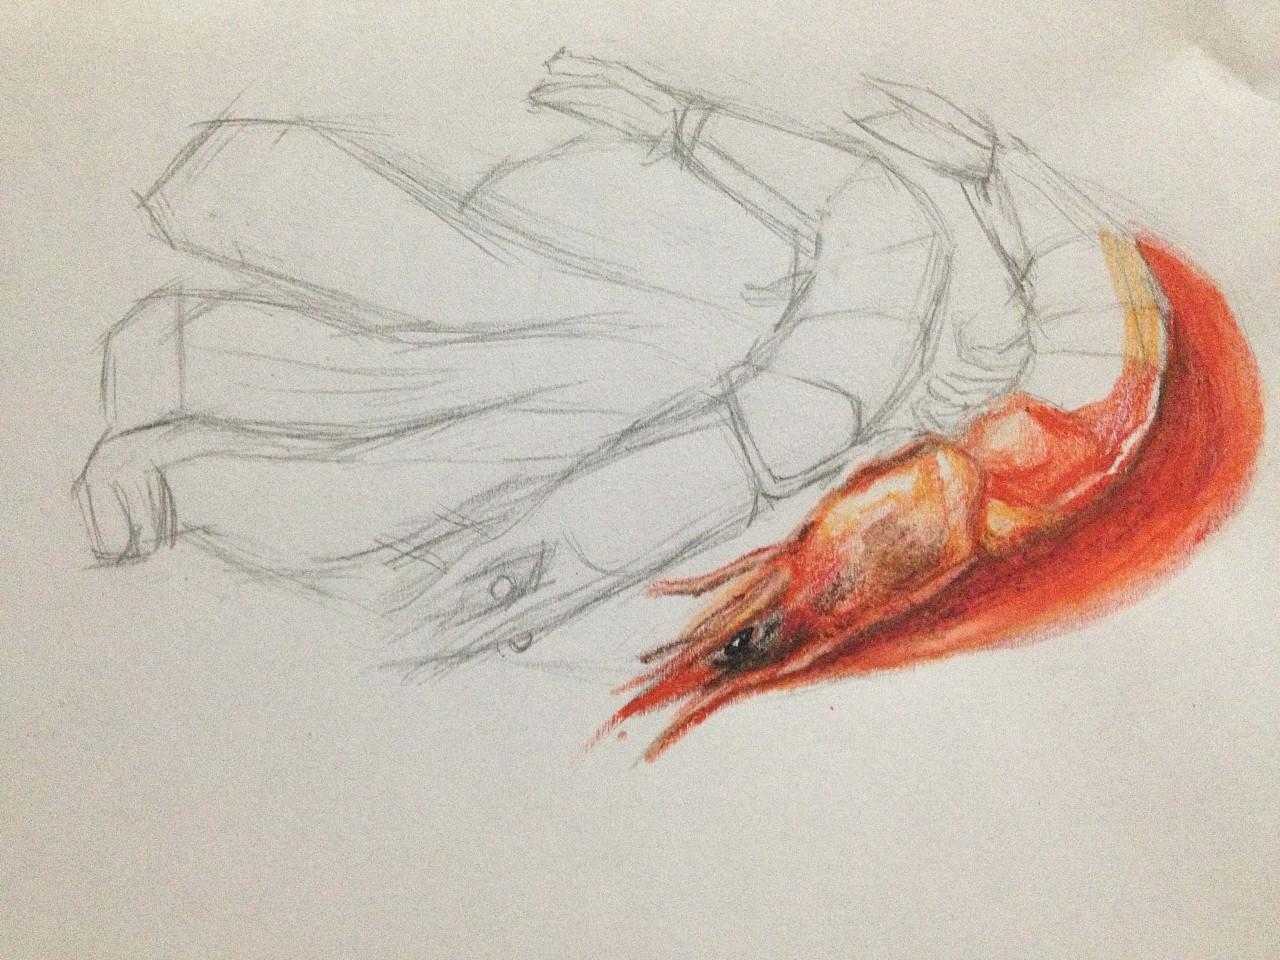 手绘美味佳肴——番茄虾